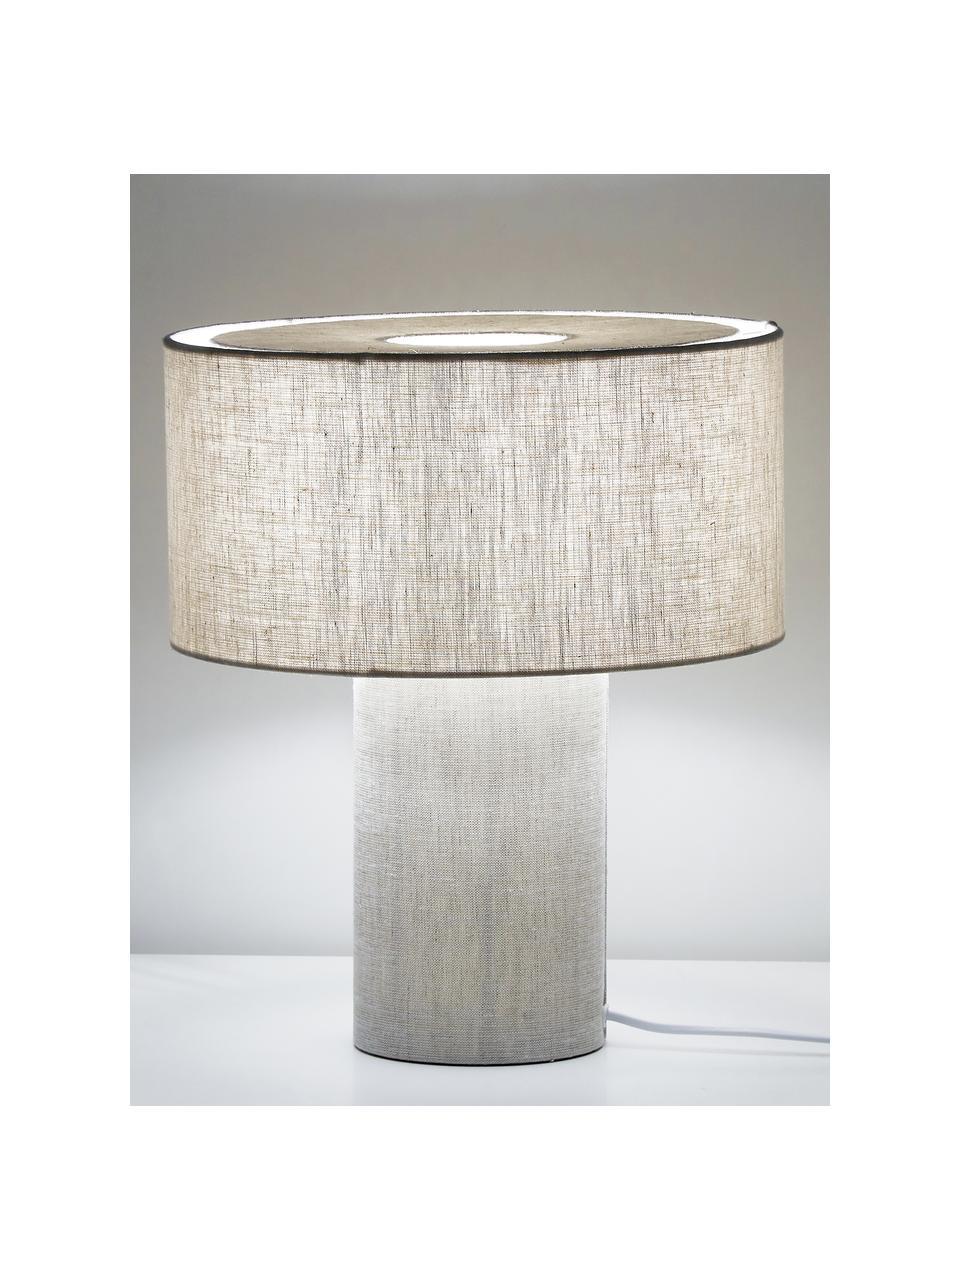 Kleine Nachttischlampe Ron aus Stoff, Lampenschirm: Textil, Beige, Ø 30 x H 35 cm